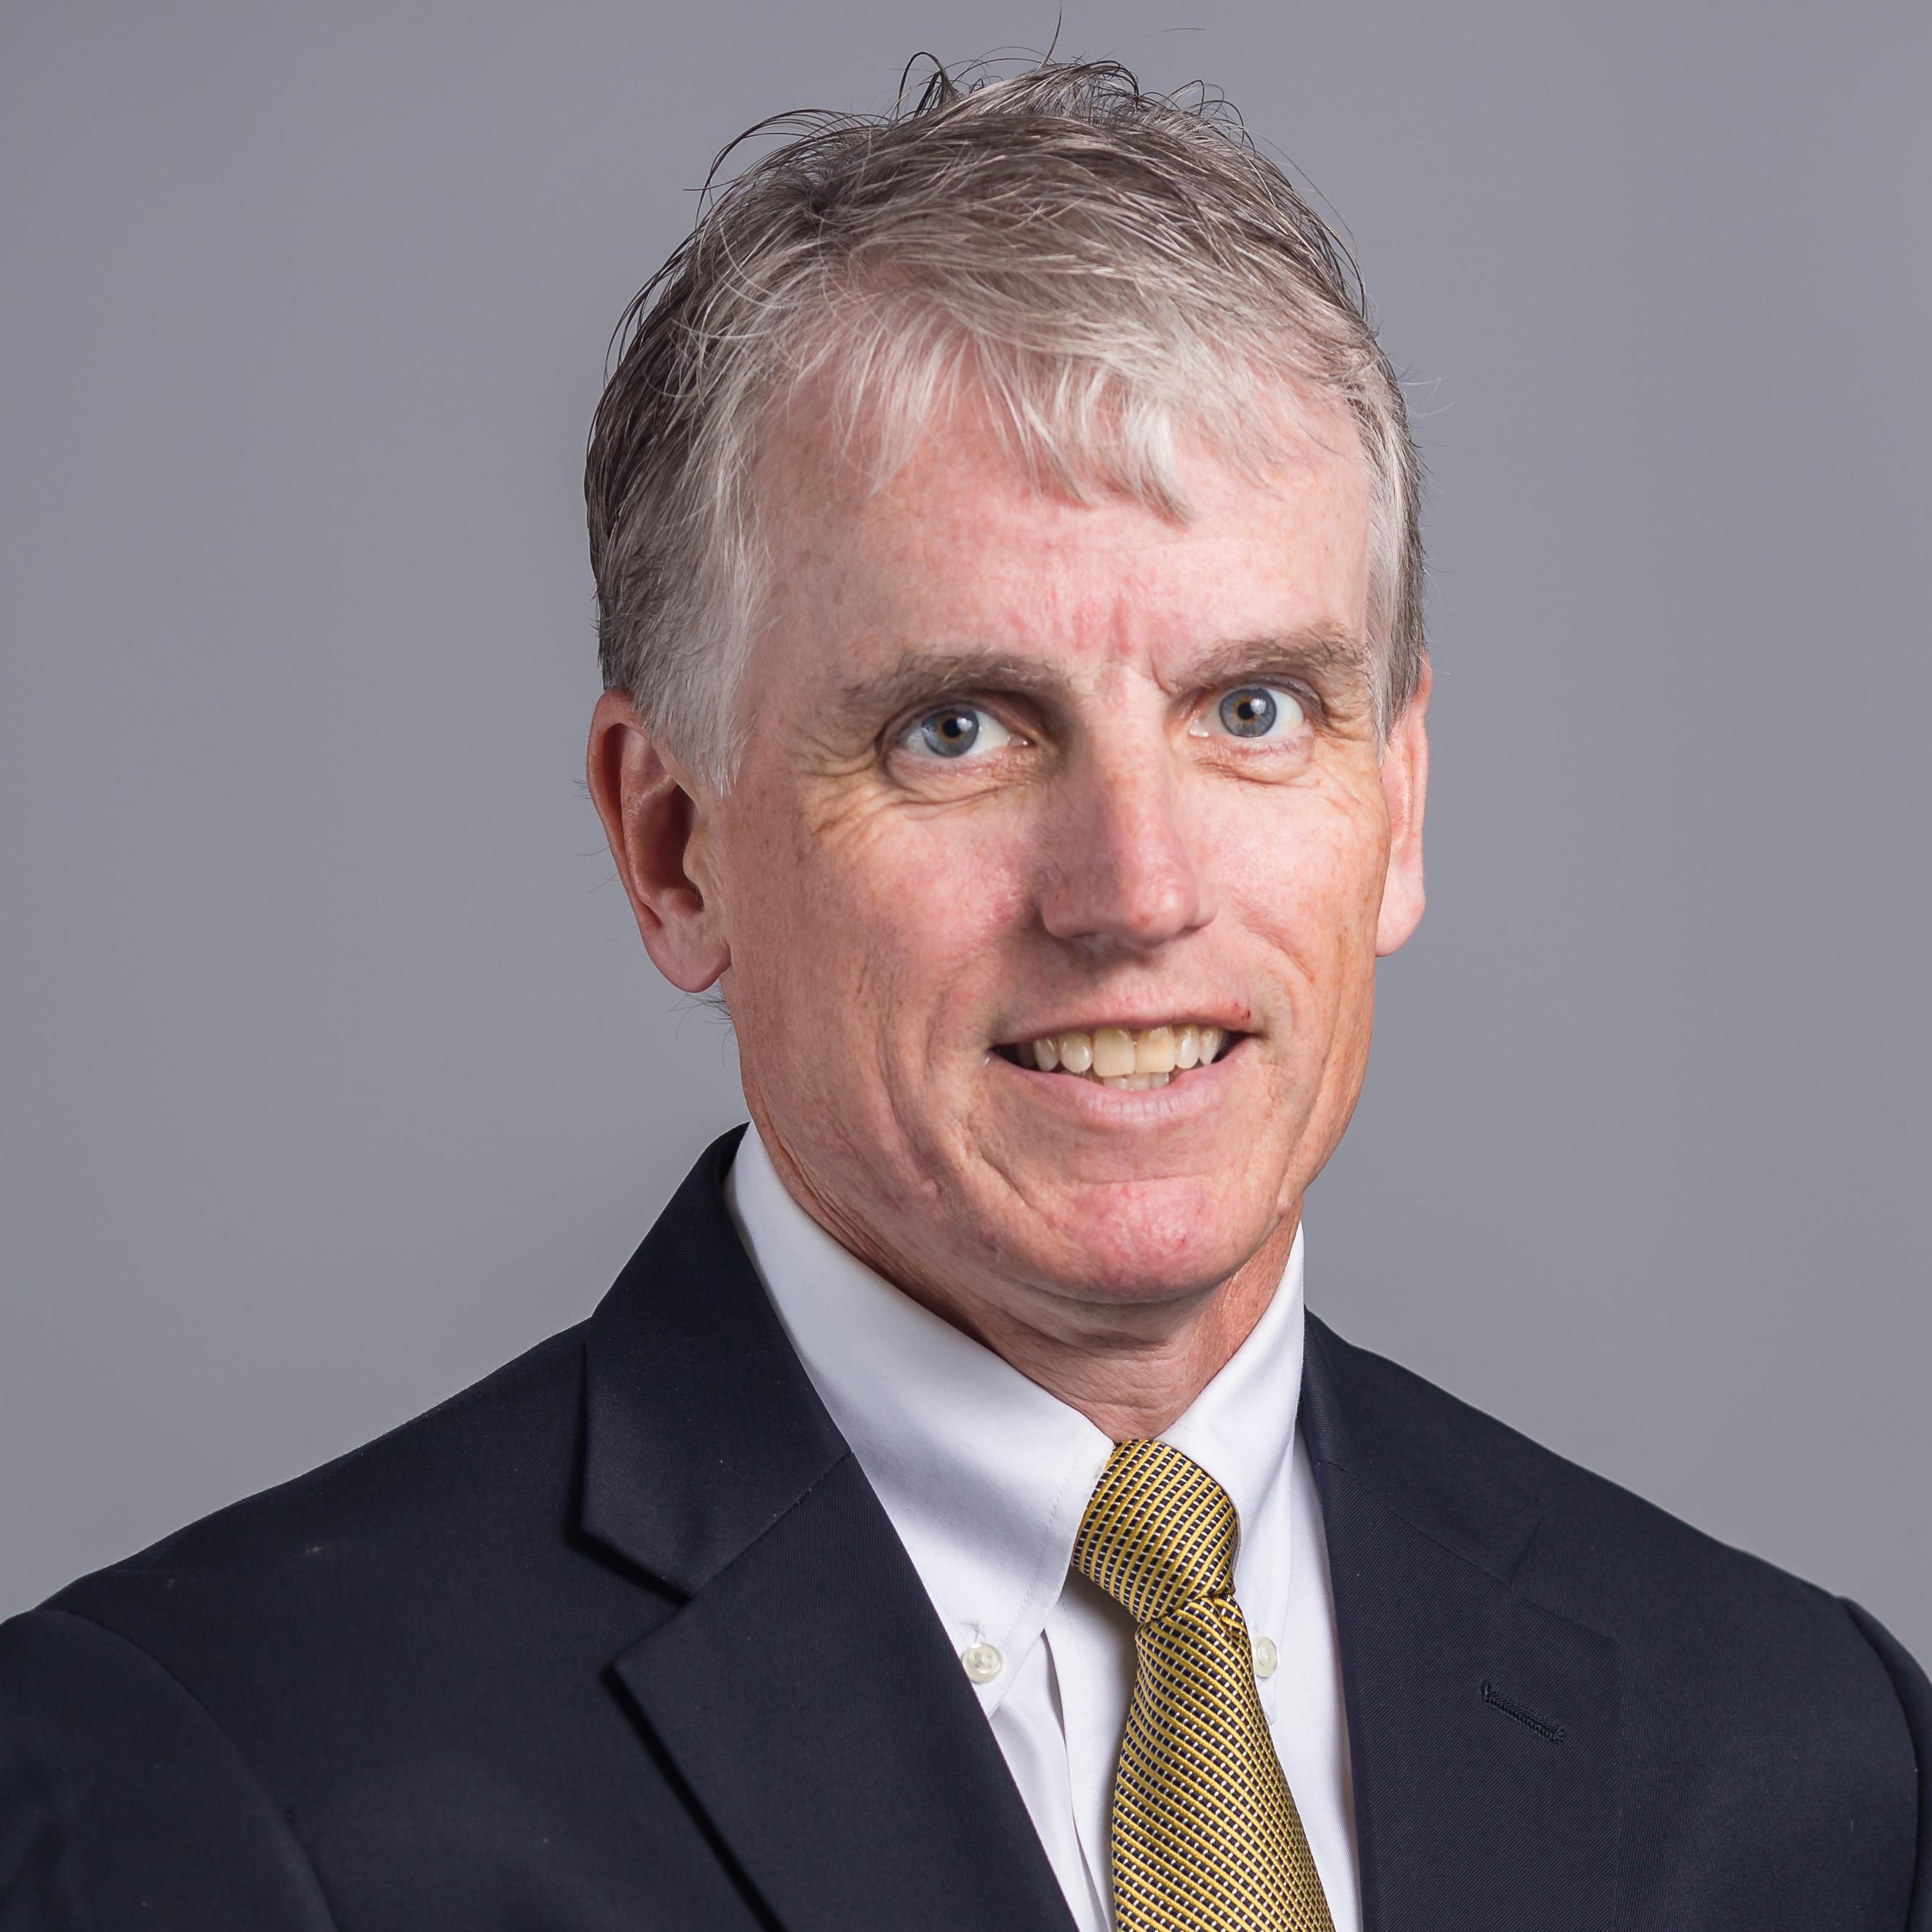 Tim Moynihan Profile Photo